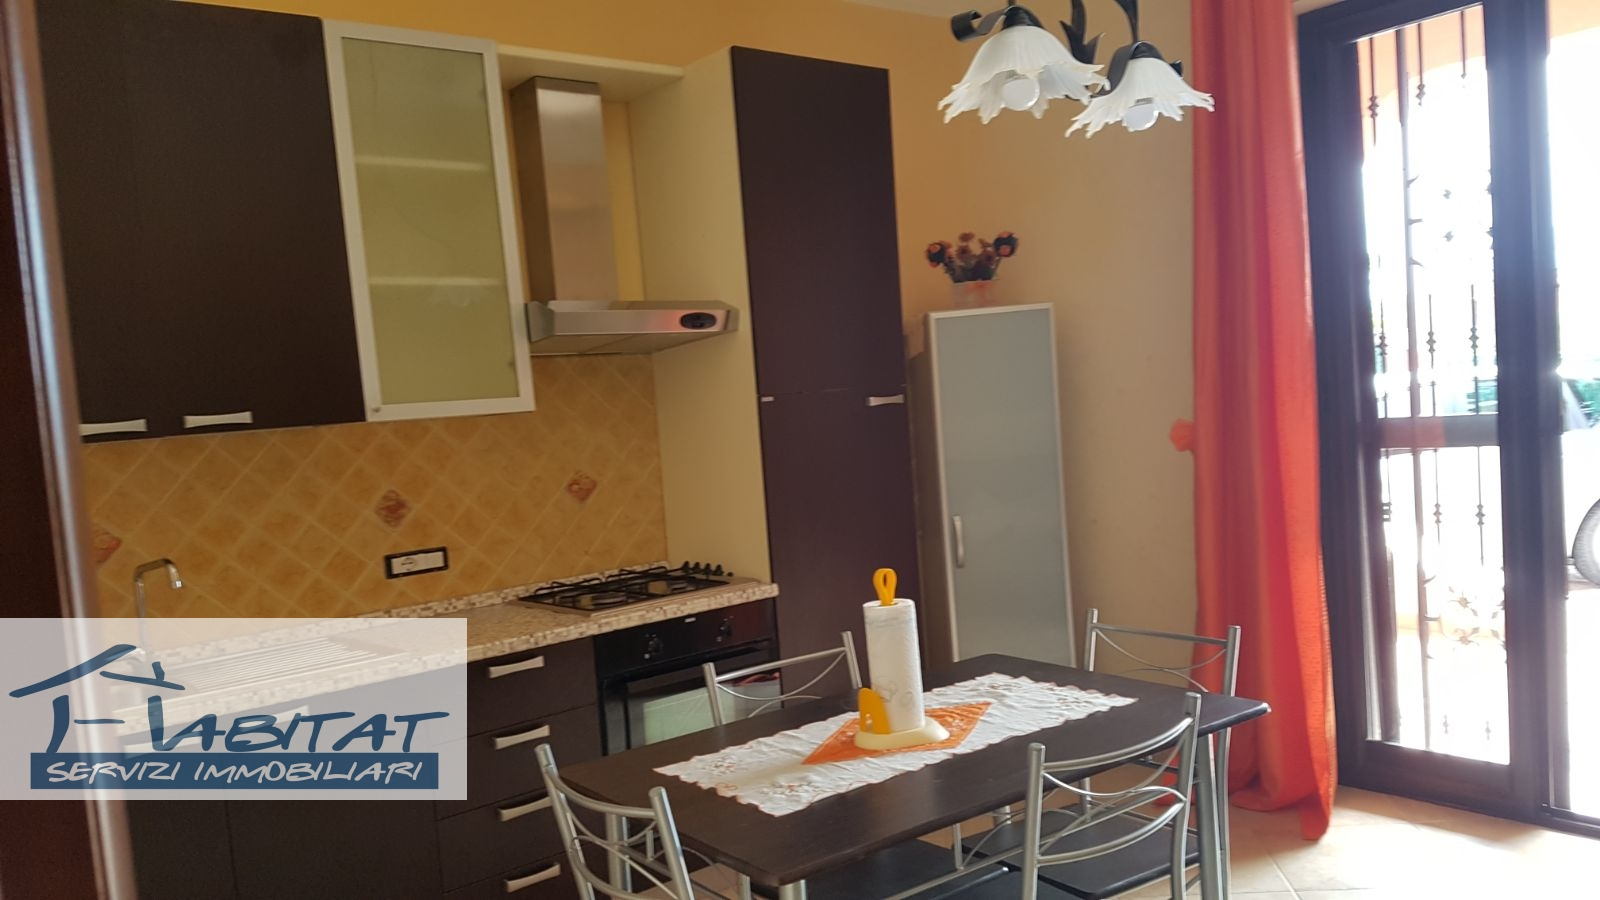 Appartamento in affitto a Agrigento, 2 locali, zona Località: VillaggioMosè, prezzo € 400 | CambioCasa.it